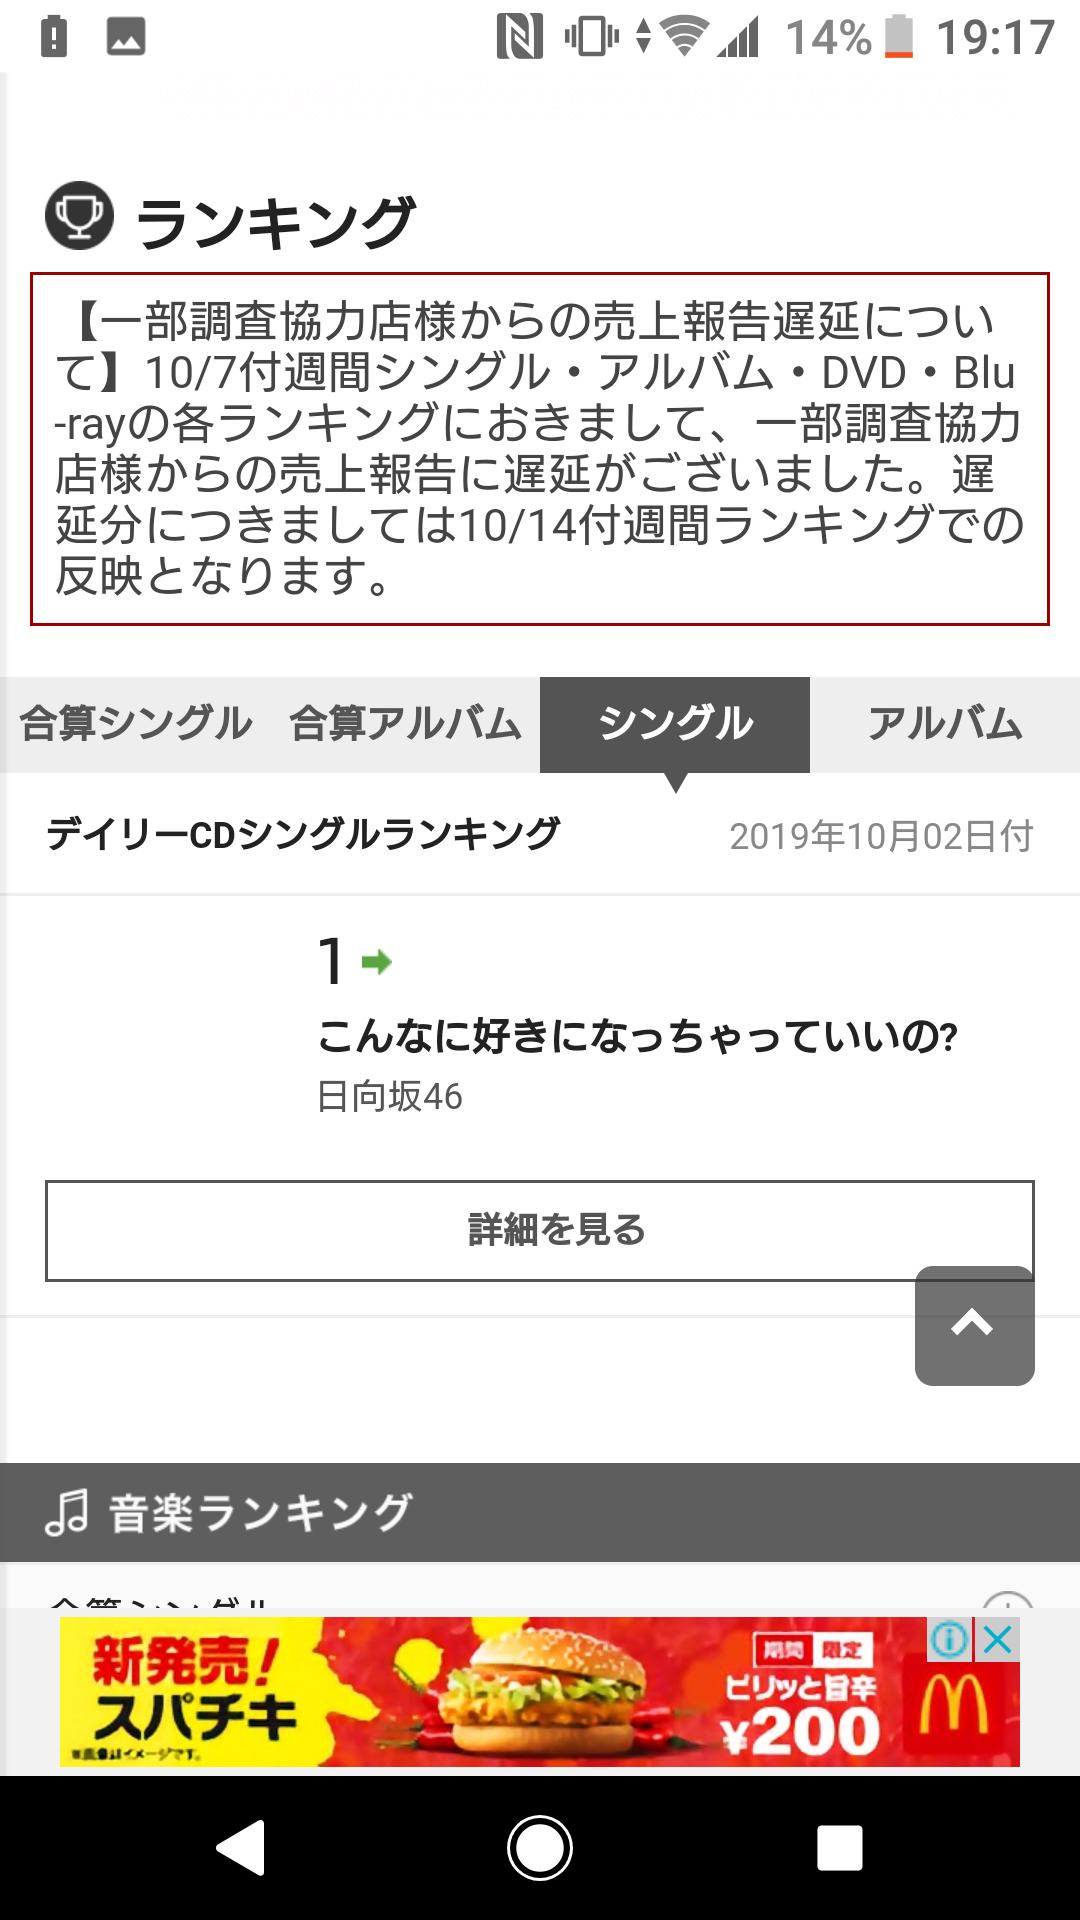 日向坂46 3rdシングル「ドレミソラシド」2日目売上